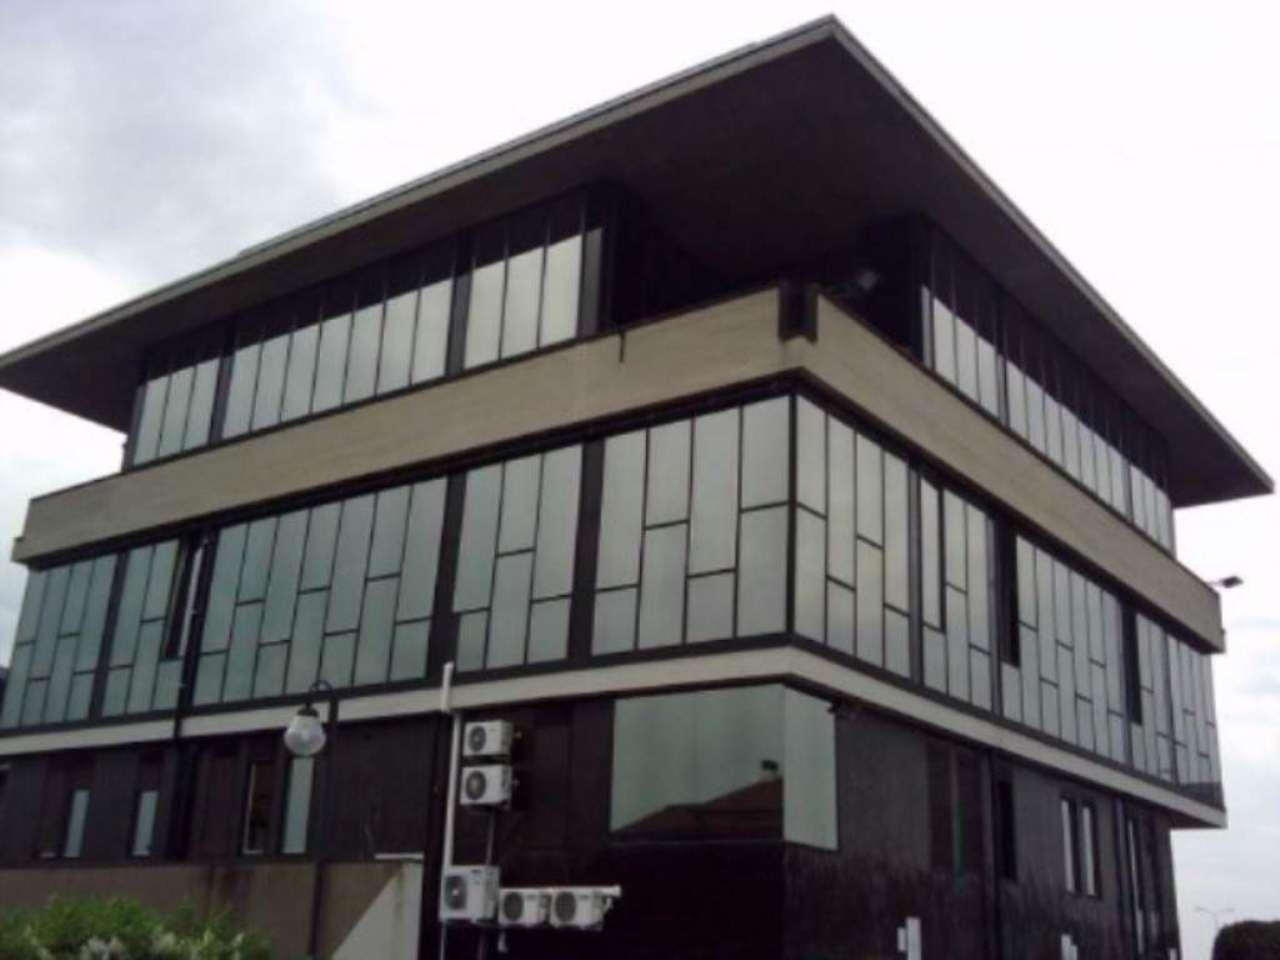 Ufficio / Studio in affitto a Carate Brianza, 3 locali, prezzo € 1.000 | Cambio Casa.it